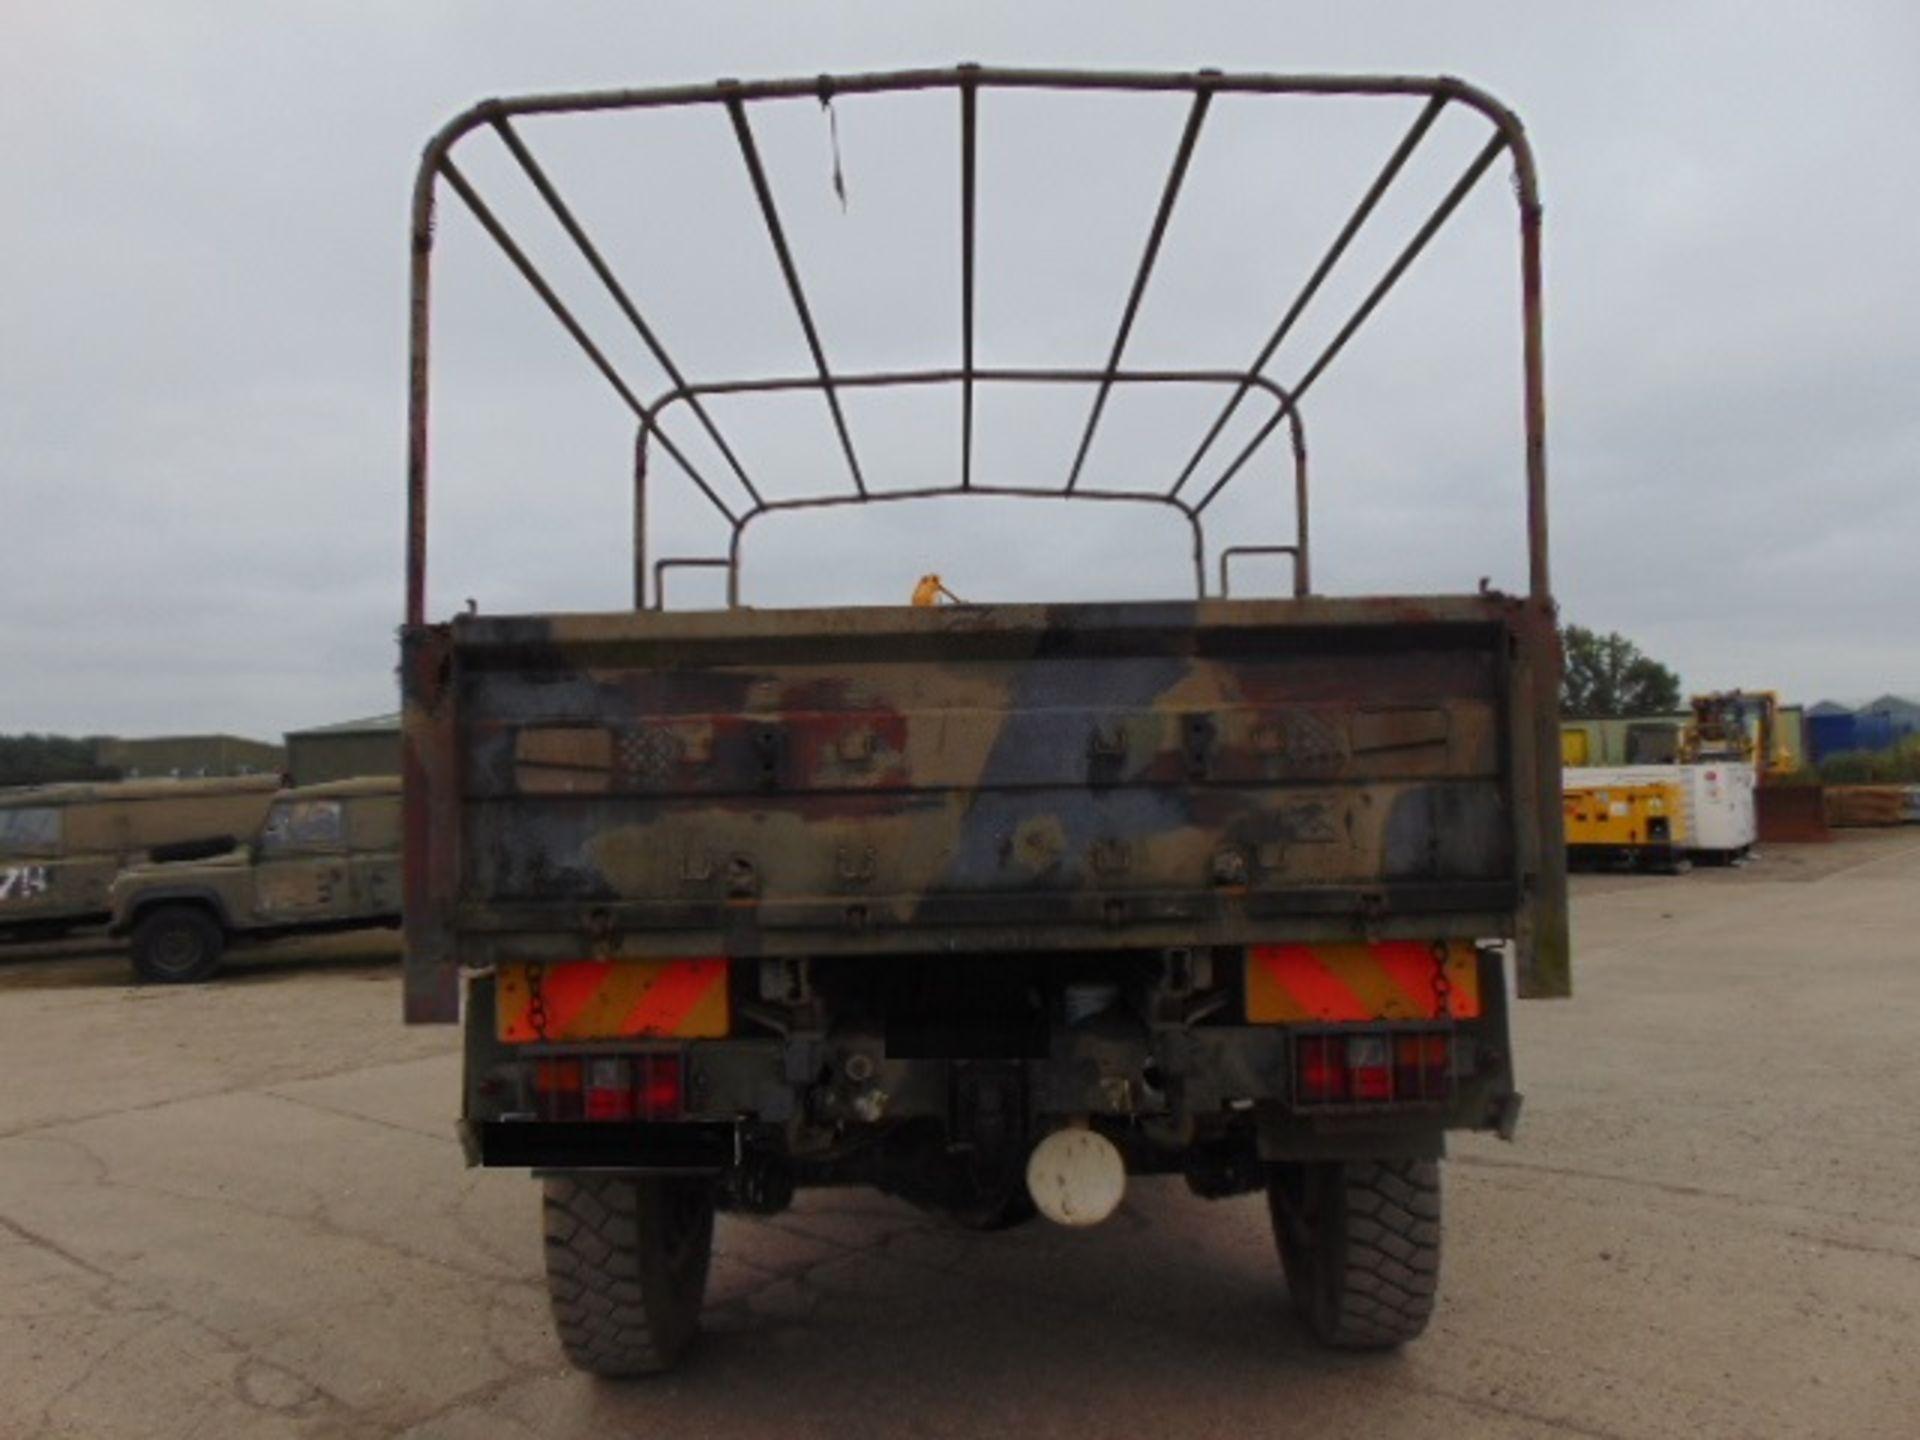 Lot 25820 - Leyland Daf 45/150 4 x 4